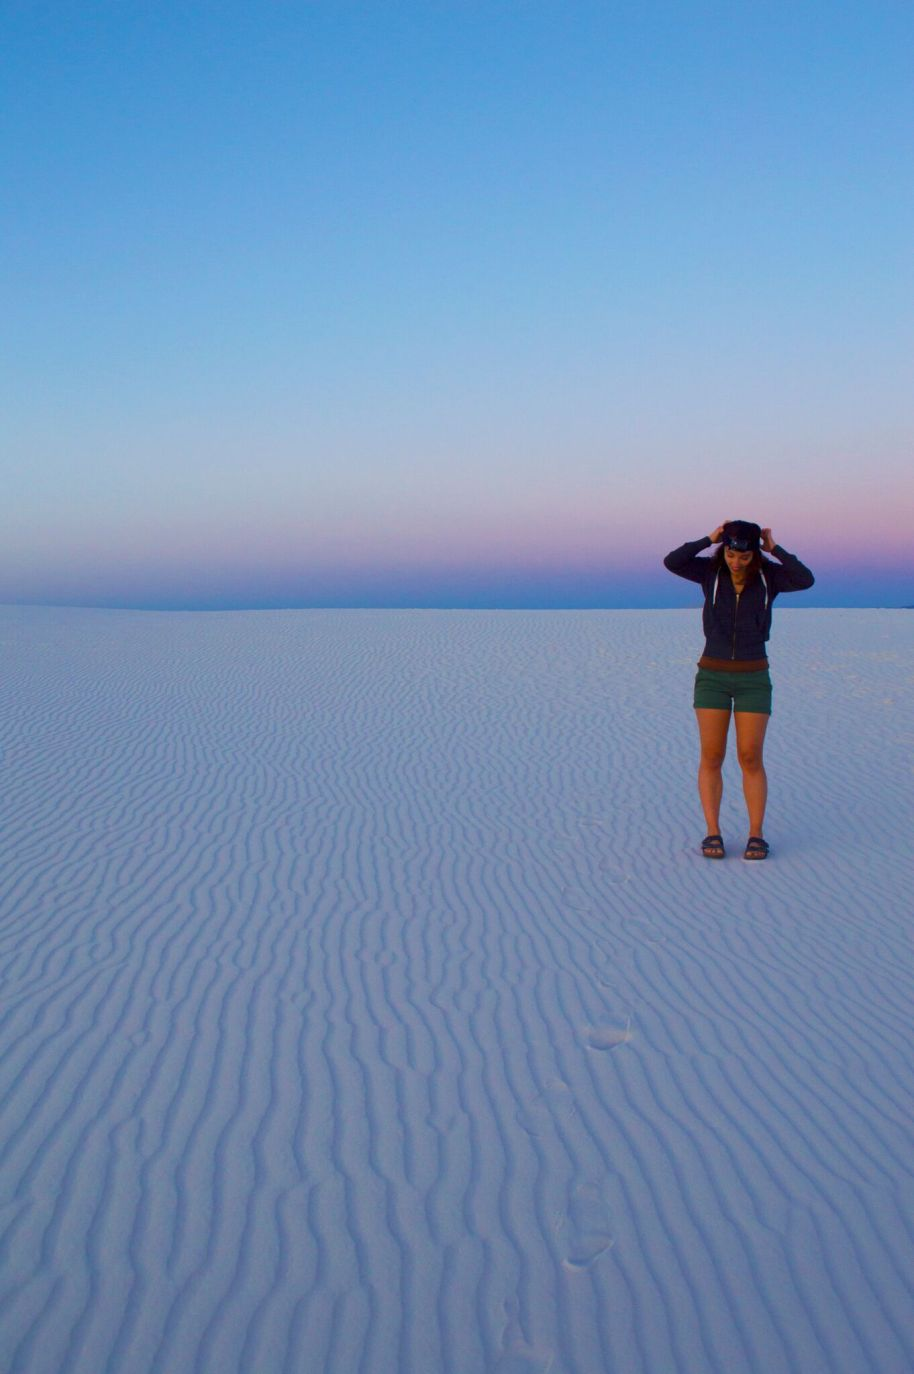 Paloma Lowe, Anxious Traveler